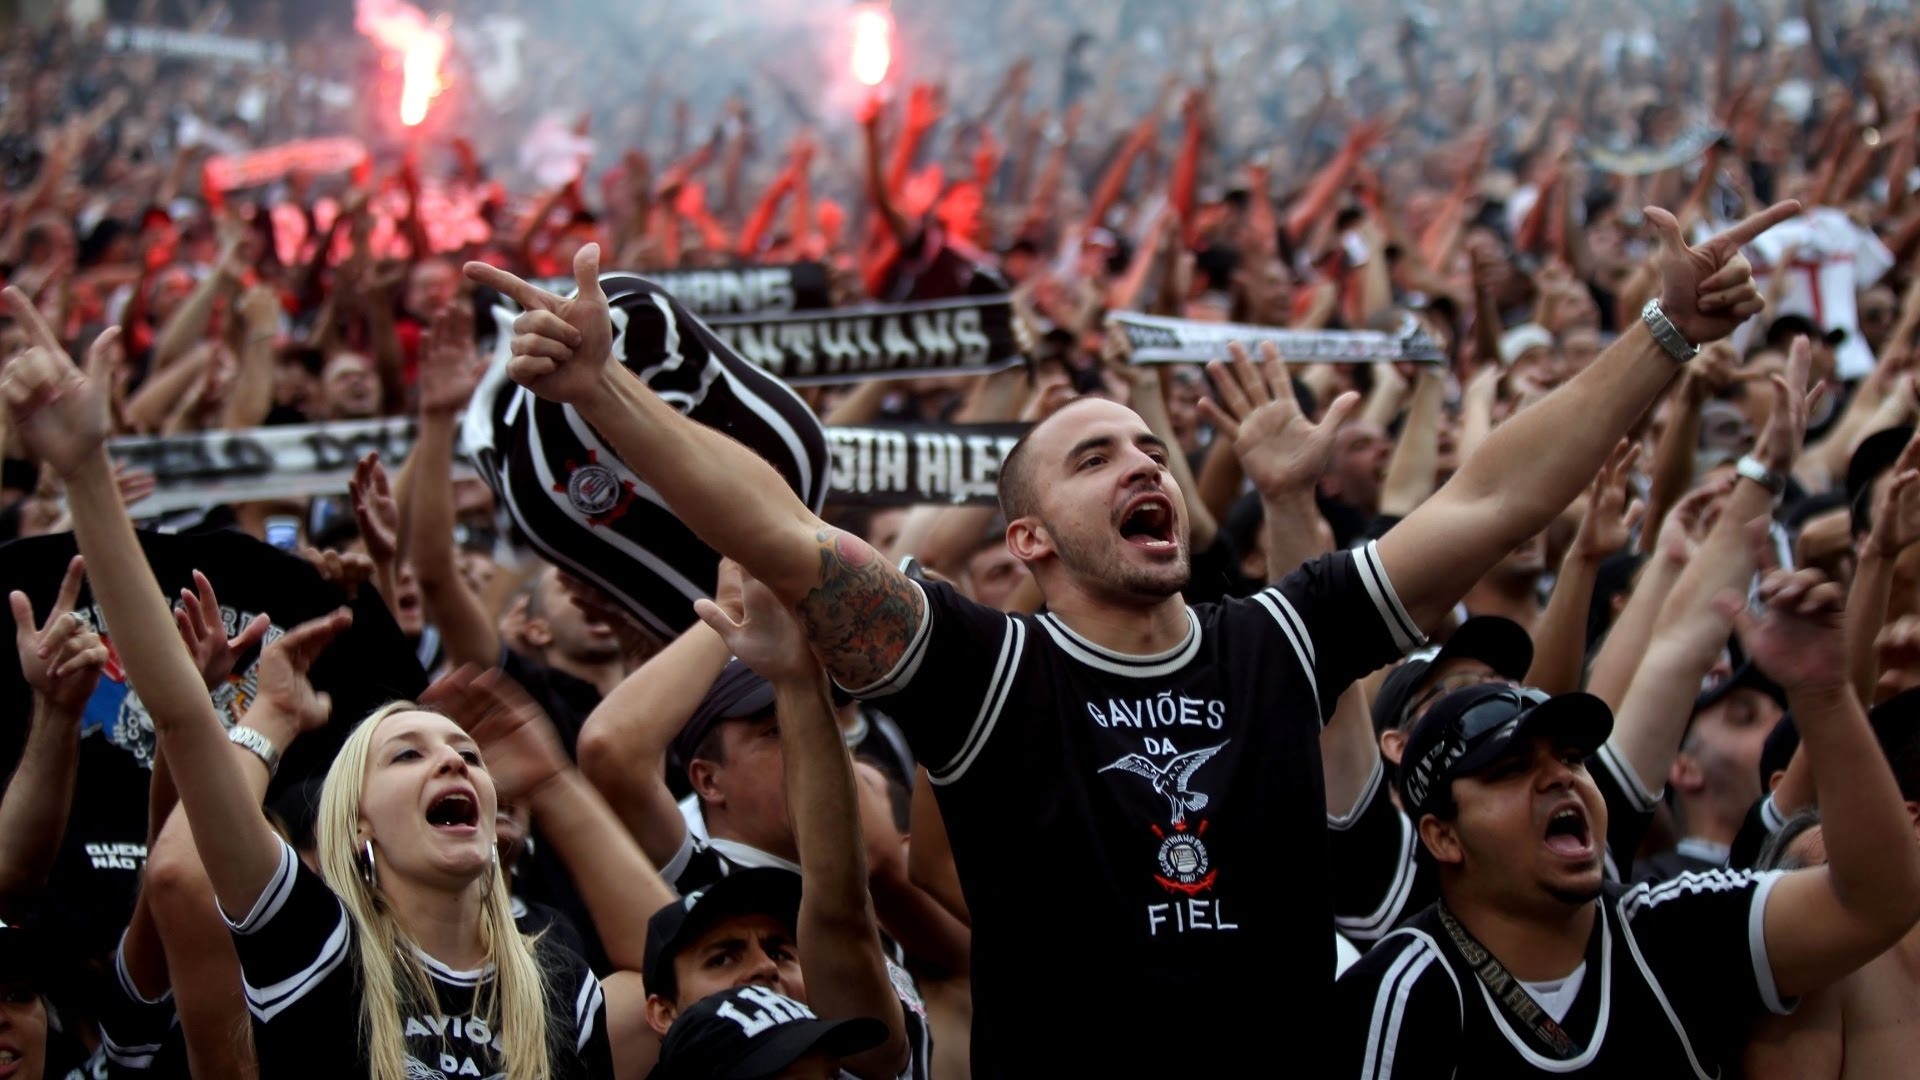 Campeonato Paulista, Corinthians-Ferroviaria giovedì 28 marzo: analisi e pronostico del ritorno dei quarti di finale